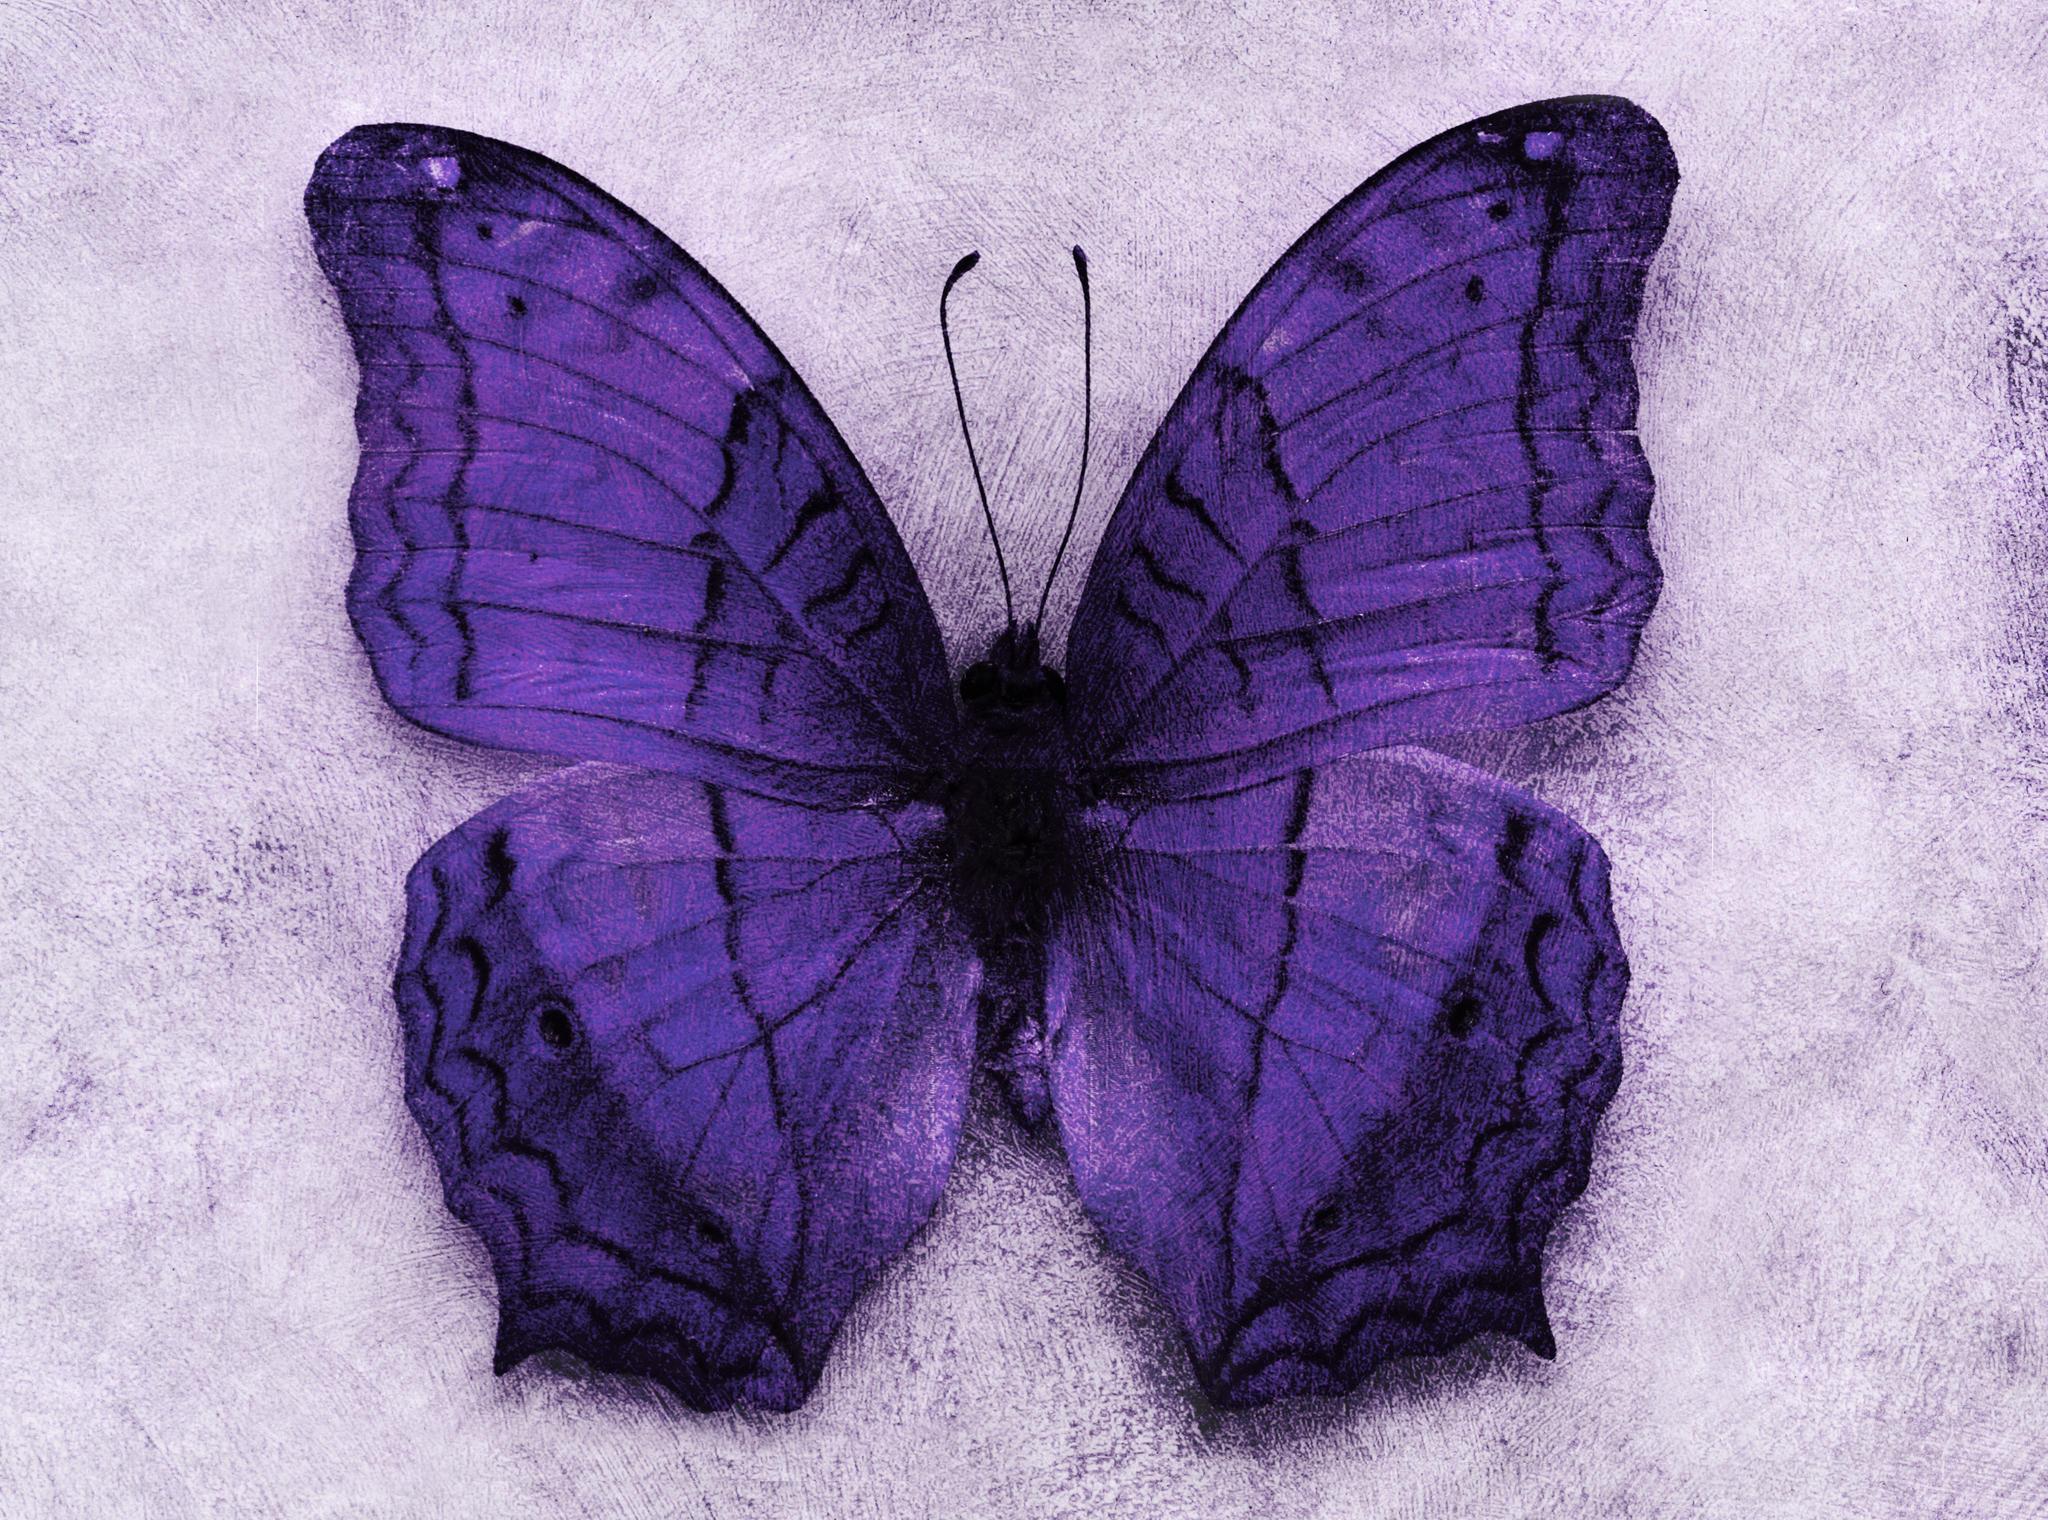 Das Geheimnis der lila Schmetterlinge ist ein furchtbares Kinderschicksal